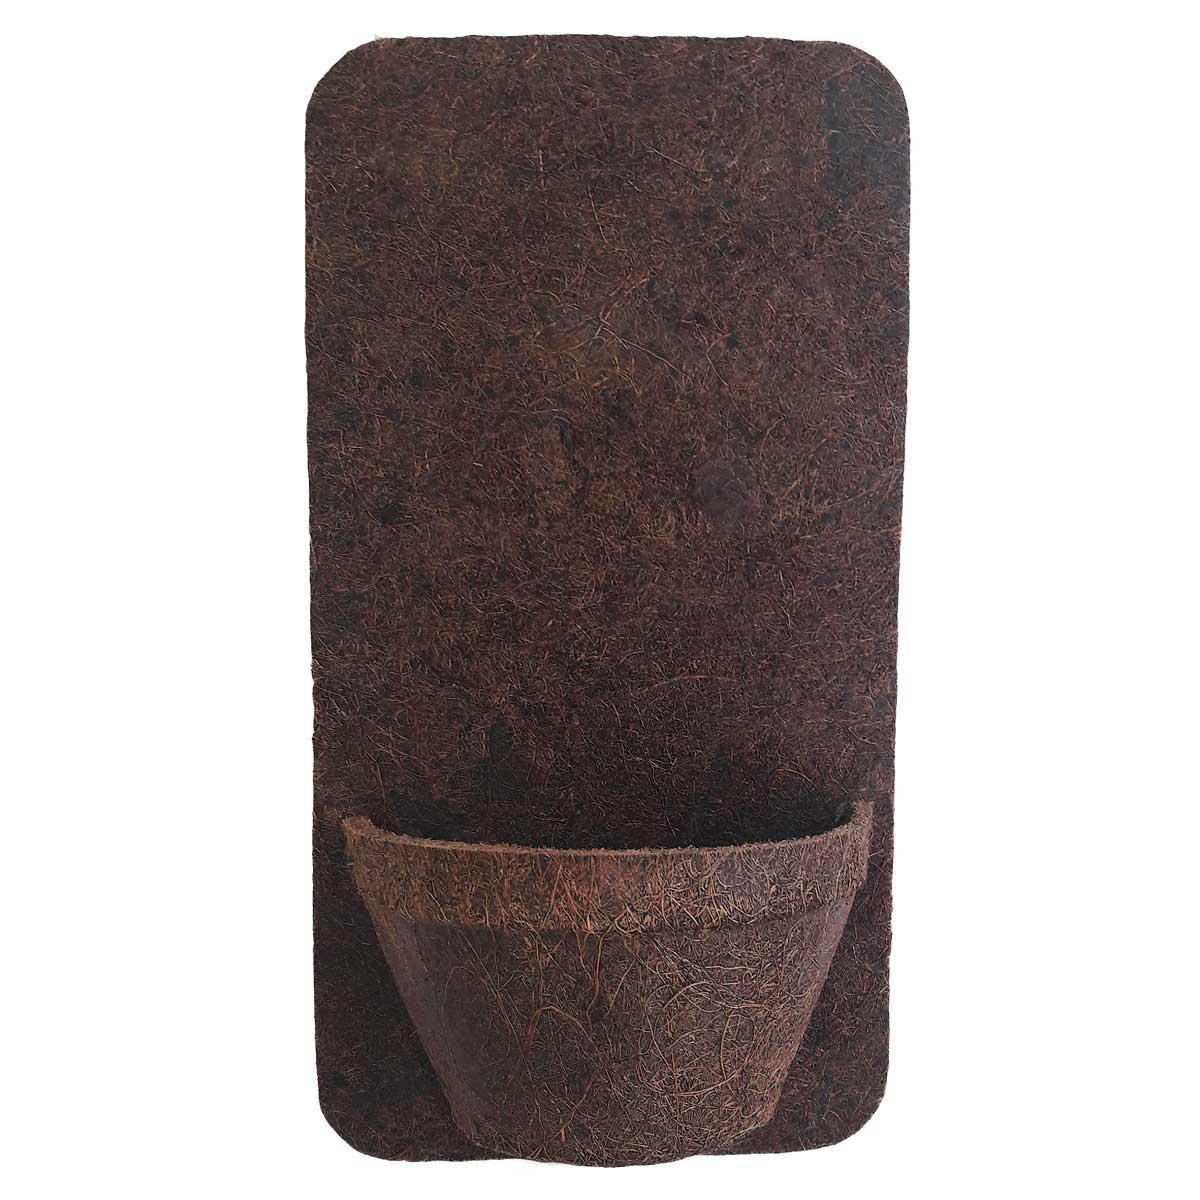 Placa 20cm X 40cm com 1 meio vaso 10 VASART COQUIM